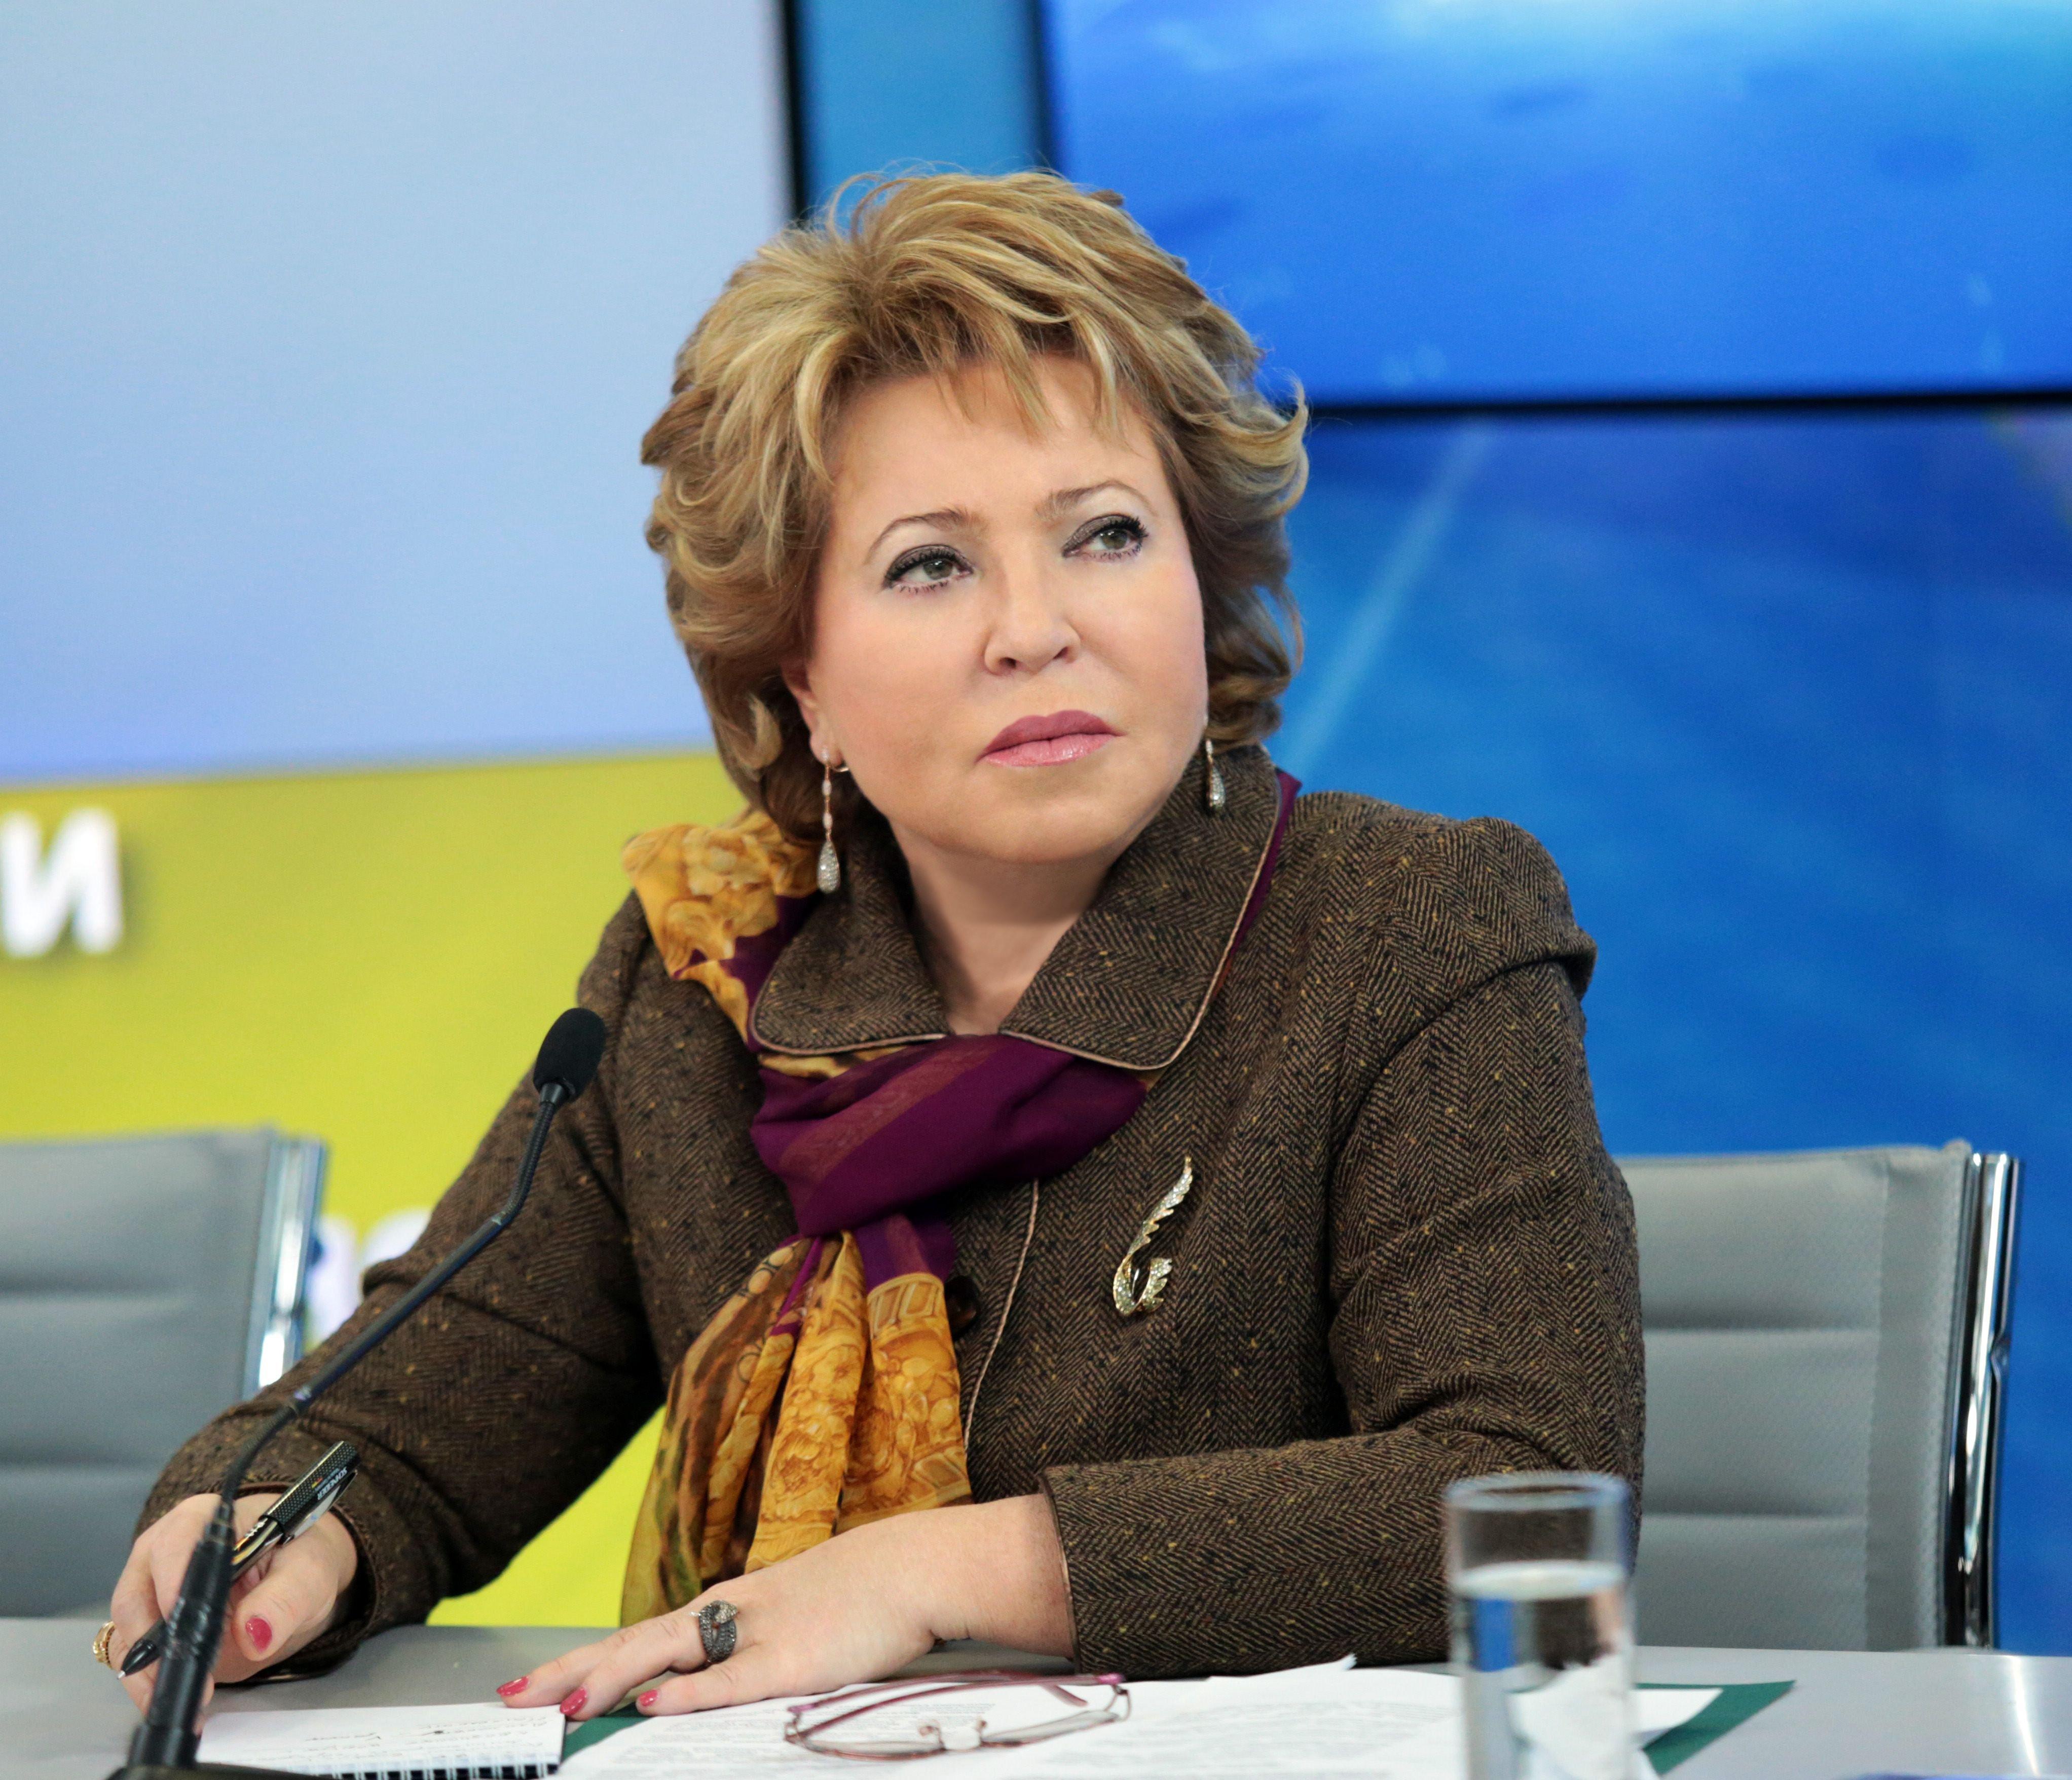 «Абсолютная провокация»: Матвиенко прокомментировала разговоры о деноминации рубля